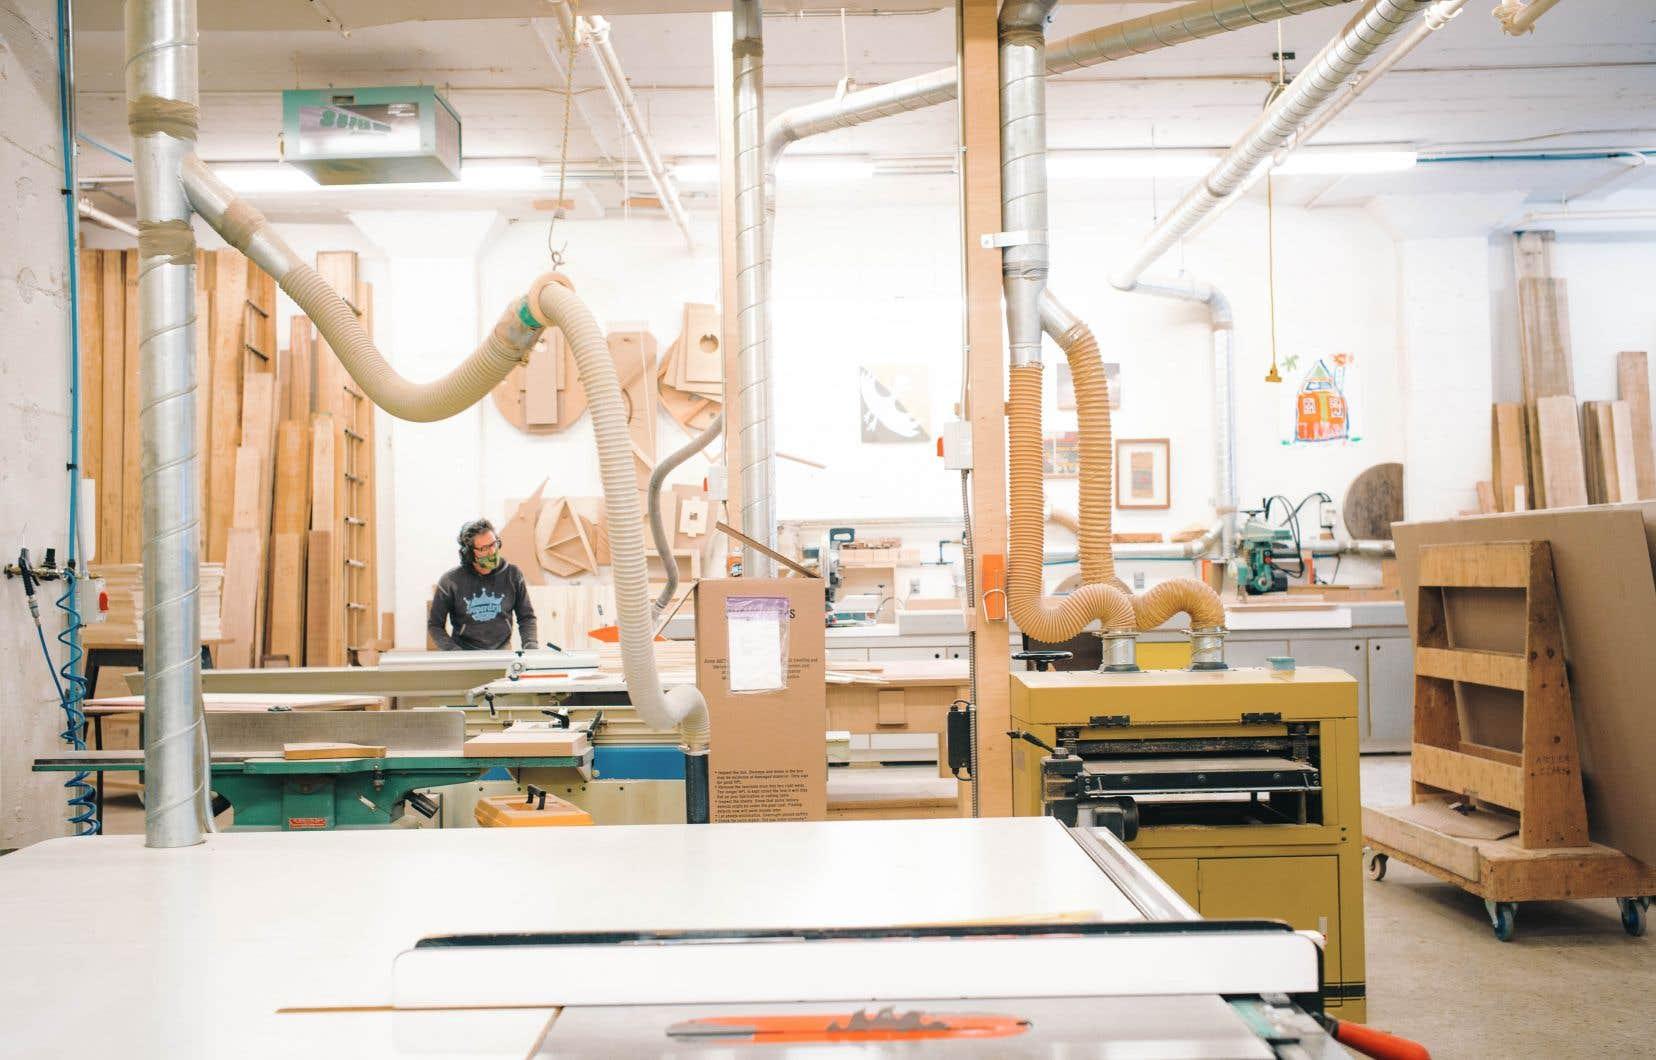 Yan Giguère prépare ses planches de bois à l'atelier Clark, atelier de menuiserie unique en son genre à Montréal.